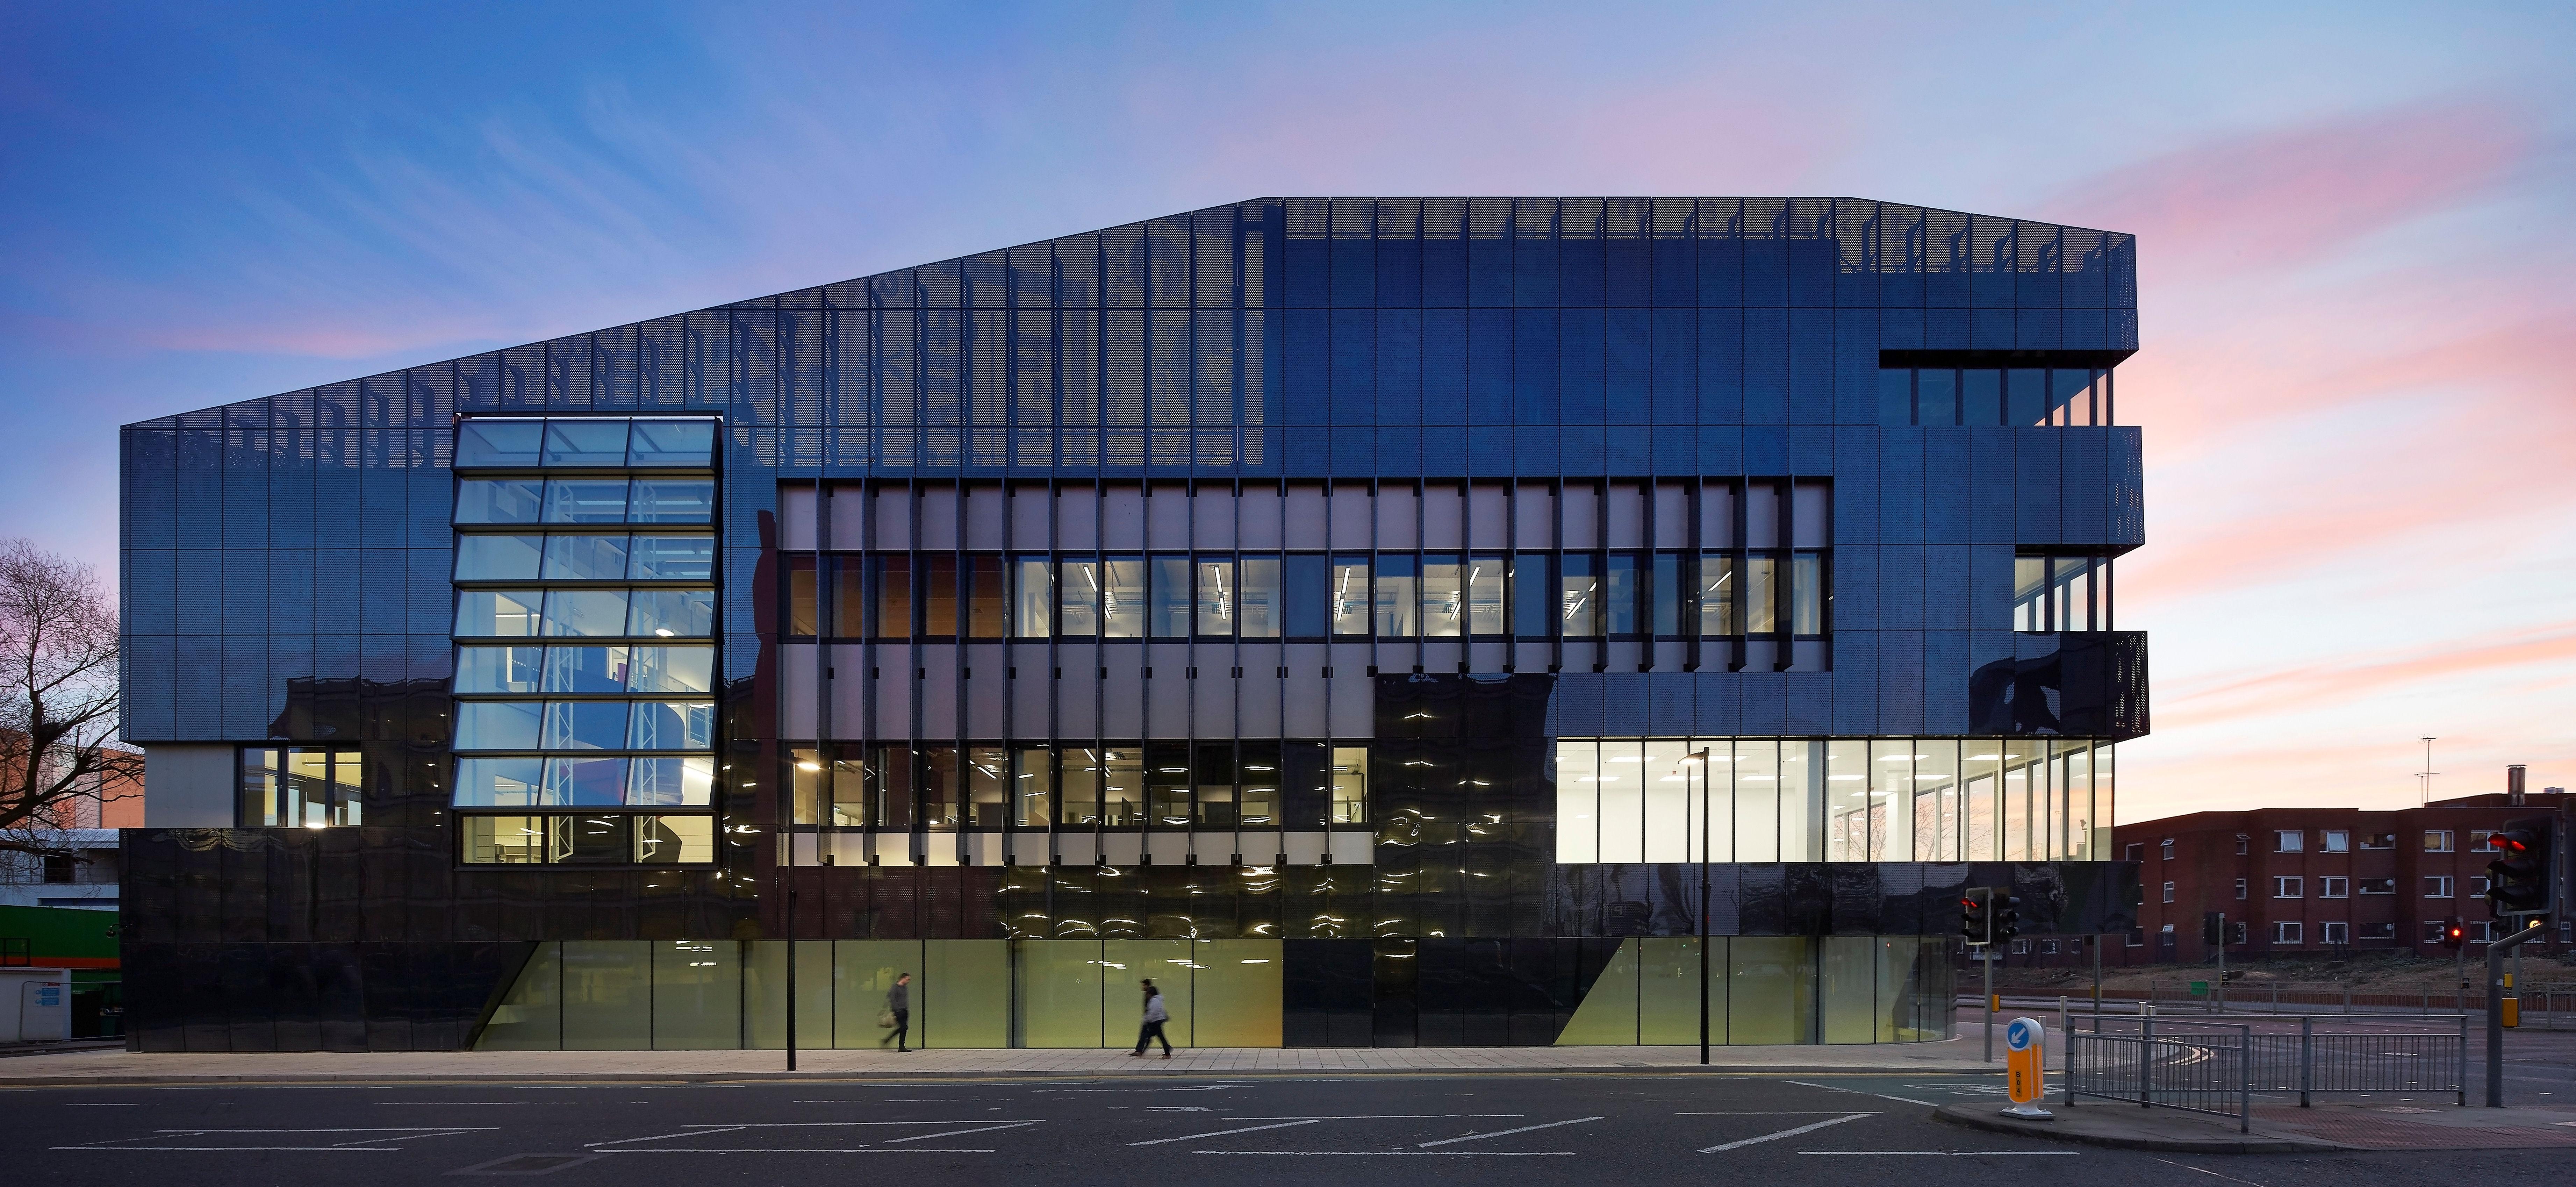 Manchester University's National Graphene Institute